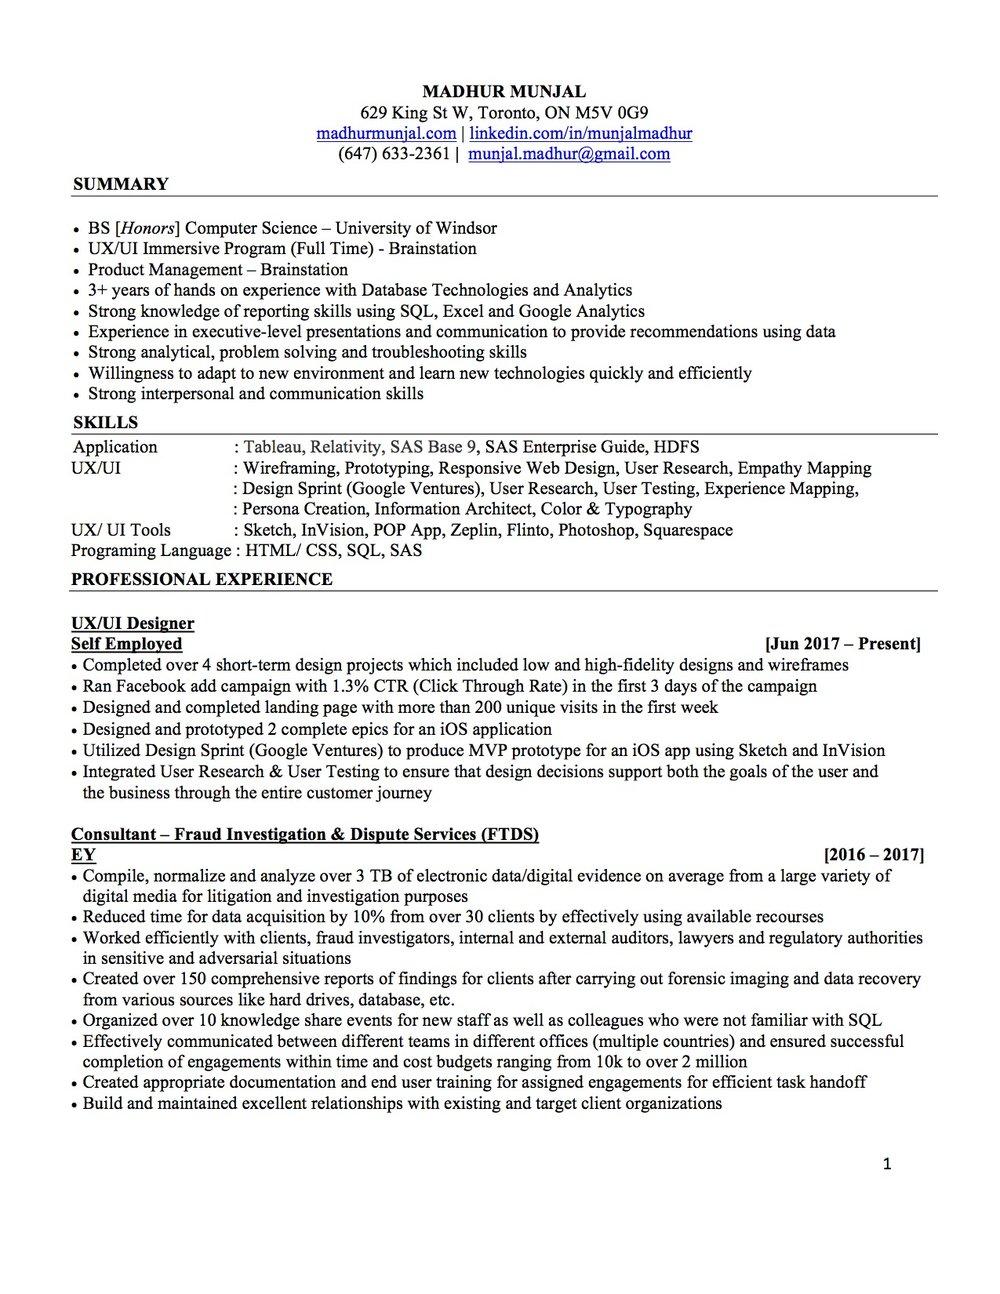 Resume — Madhur Munjal